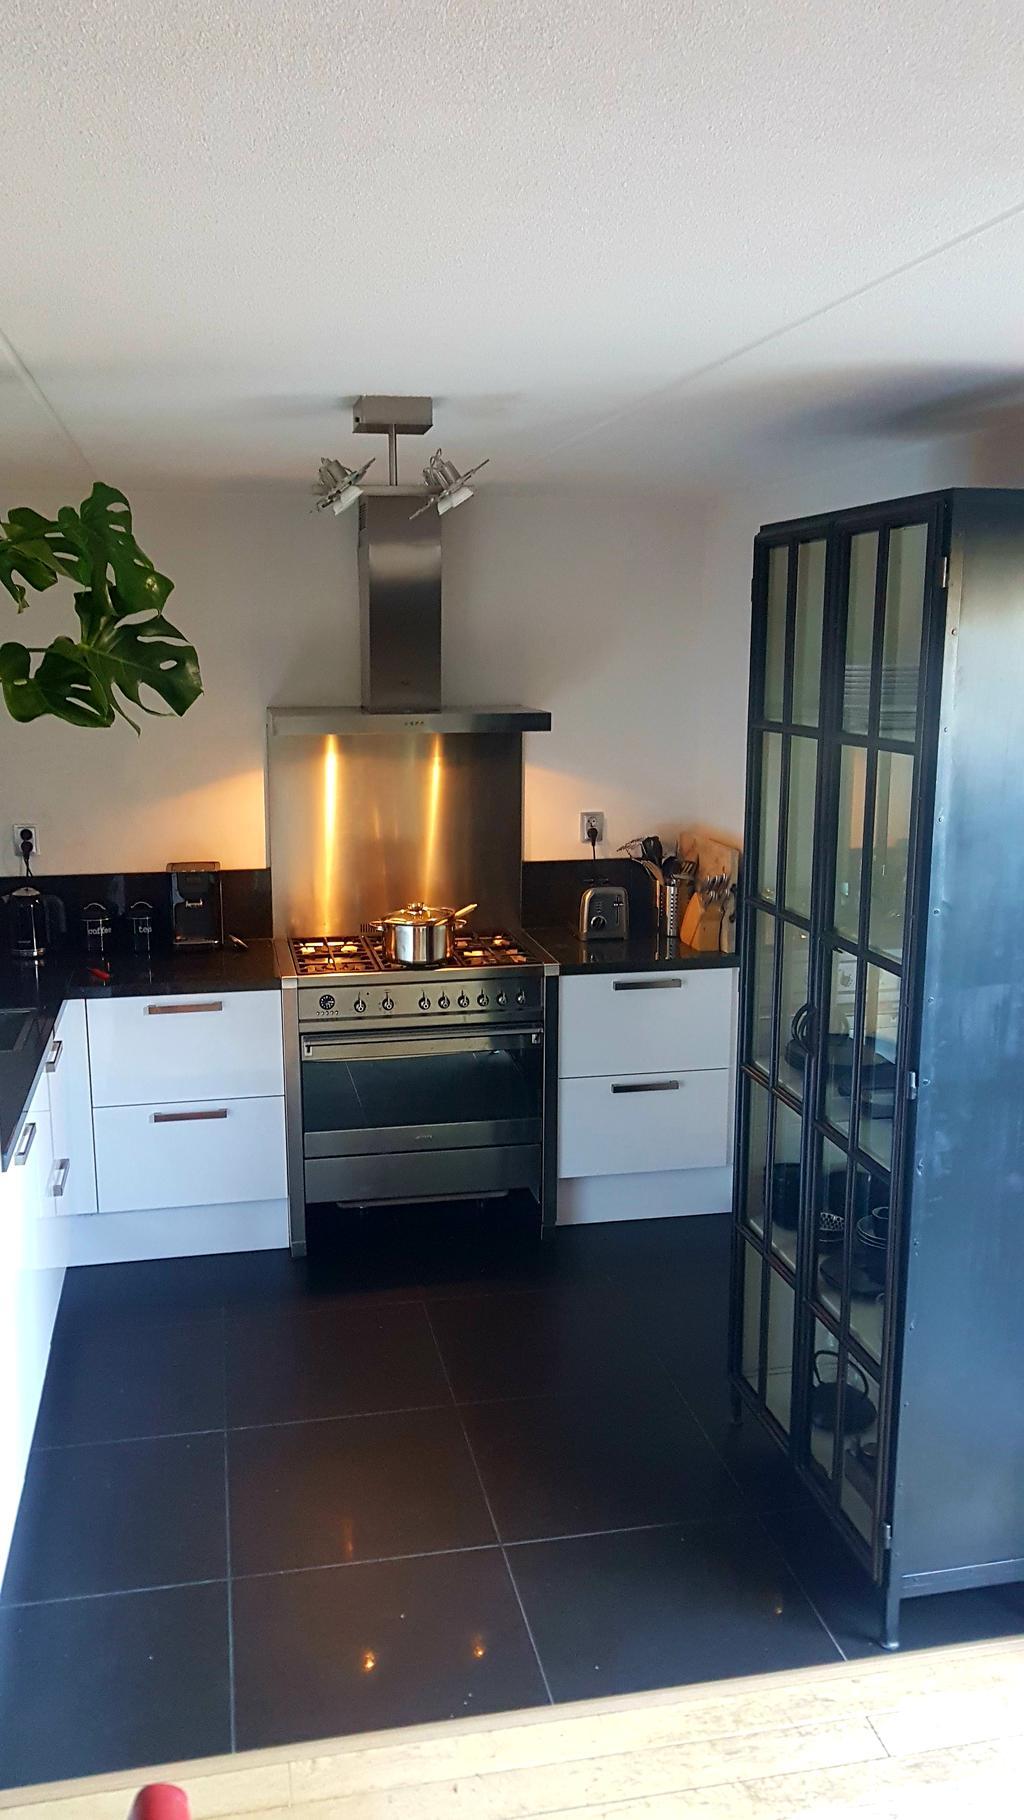 kleine-maar-fijne-keuken-helemaal-blij-met-de-nieuwe-stalen-kast-voor-de-glazen-bordjes-en-schaaltjes